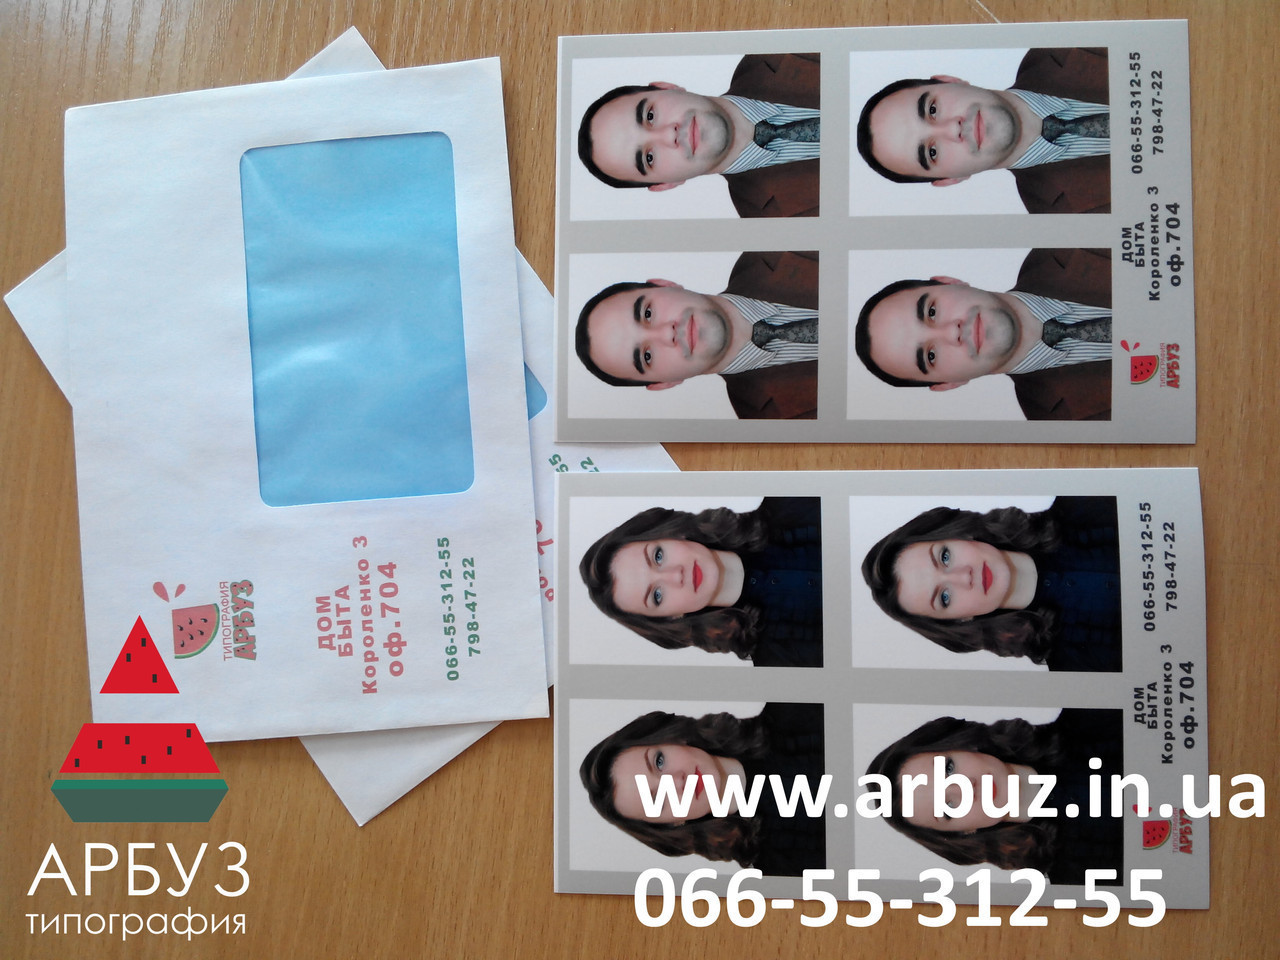 Фото на шенгеновскую визу